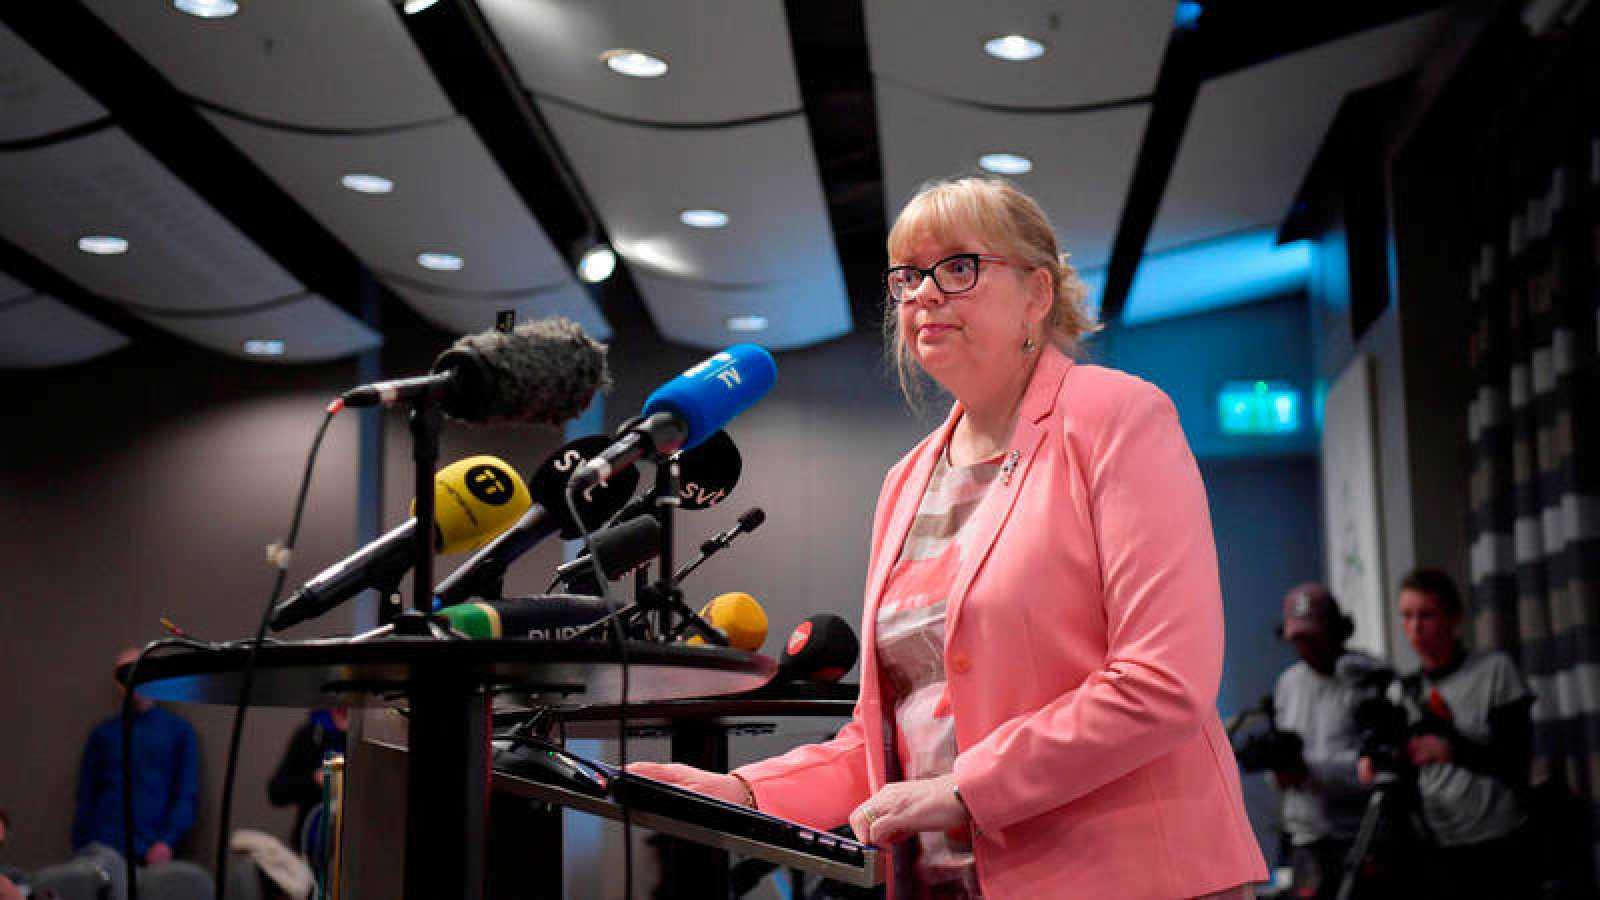 Eva-Marie Persson, fiscal superior adjunta de Suecia, ofrece una rueda de prensa para anunciar la decisión tomada respecto a la investigación preliminar sobre el fundador de WikiLeaks, el australiano Julian Assange, este lunes en Estocolmo (Suecia).